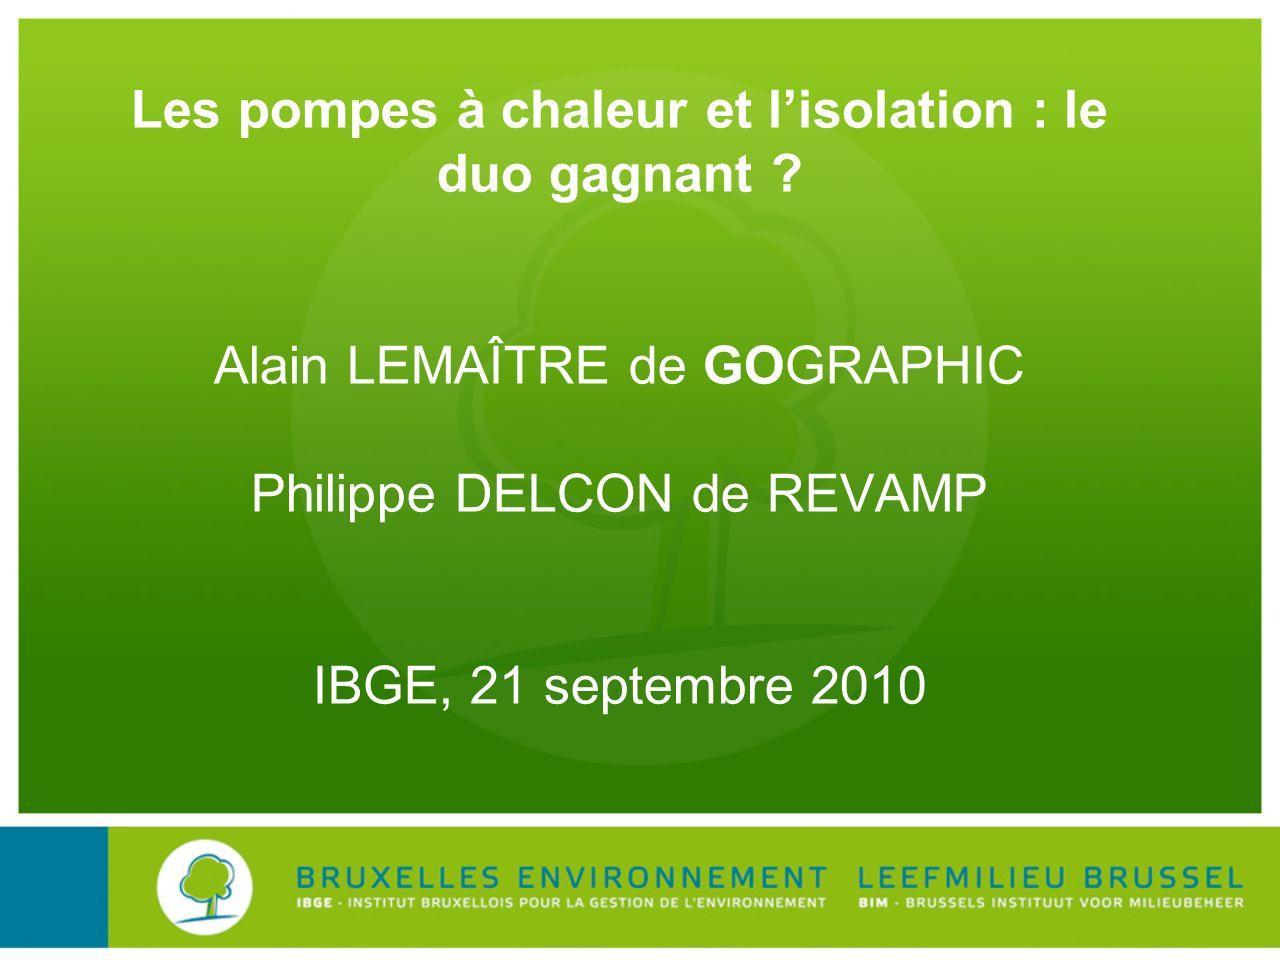 Les pompes à chaleur et lisolation : le duo gagnant ? Alain LEMAÎTRE de GOGRAPHIC Philippe DELCON de REVAMP IBGE, 21 septembre 2010